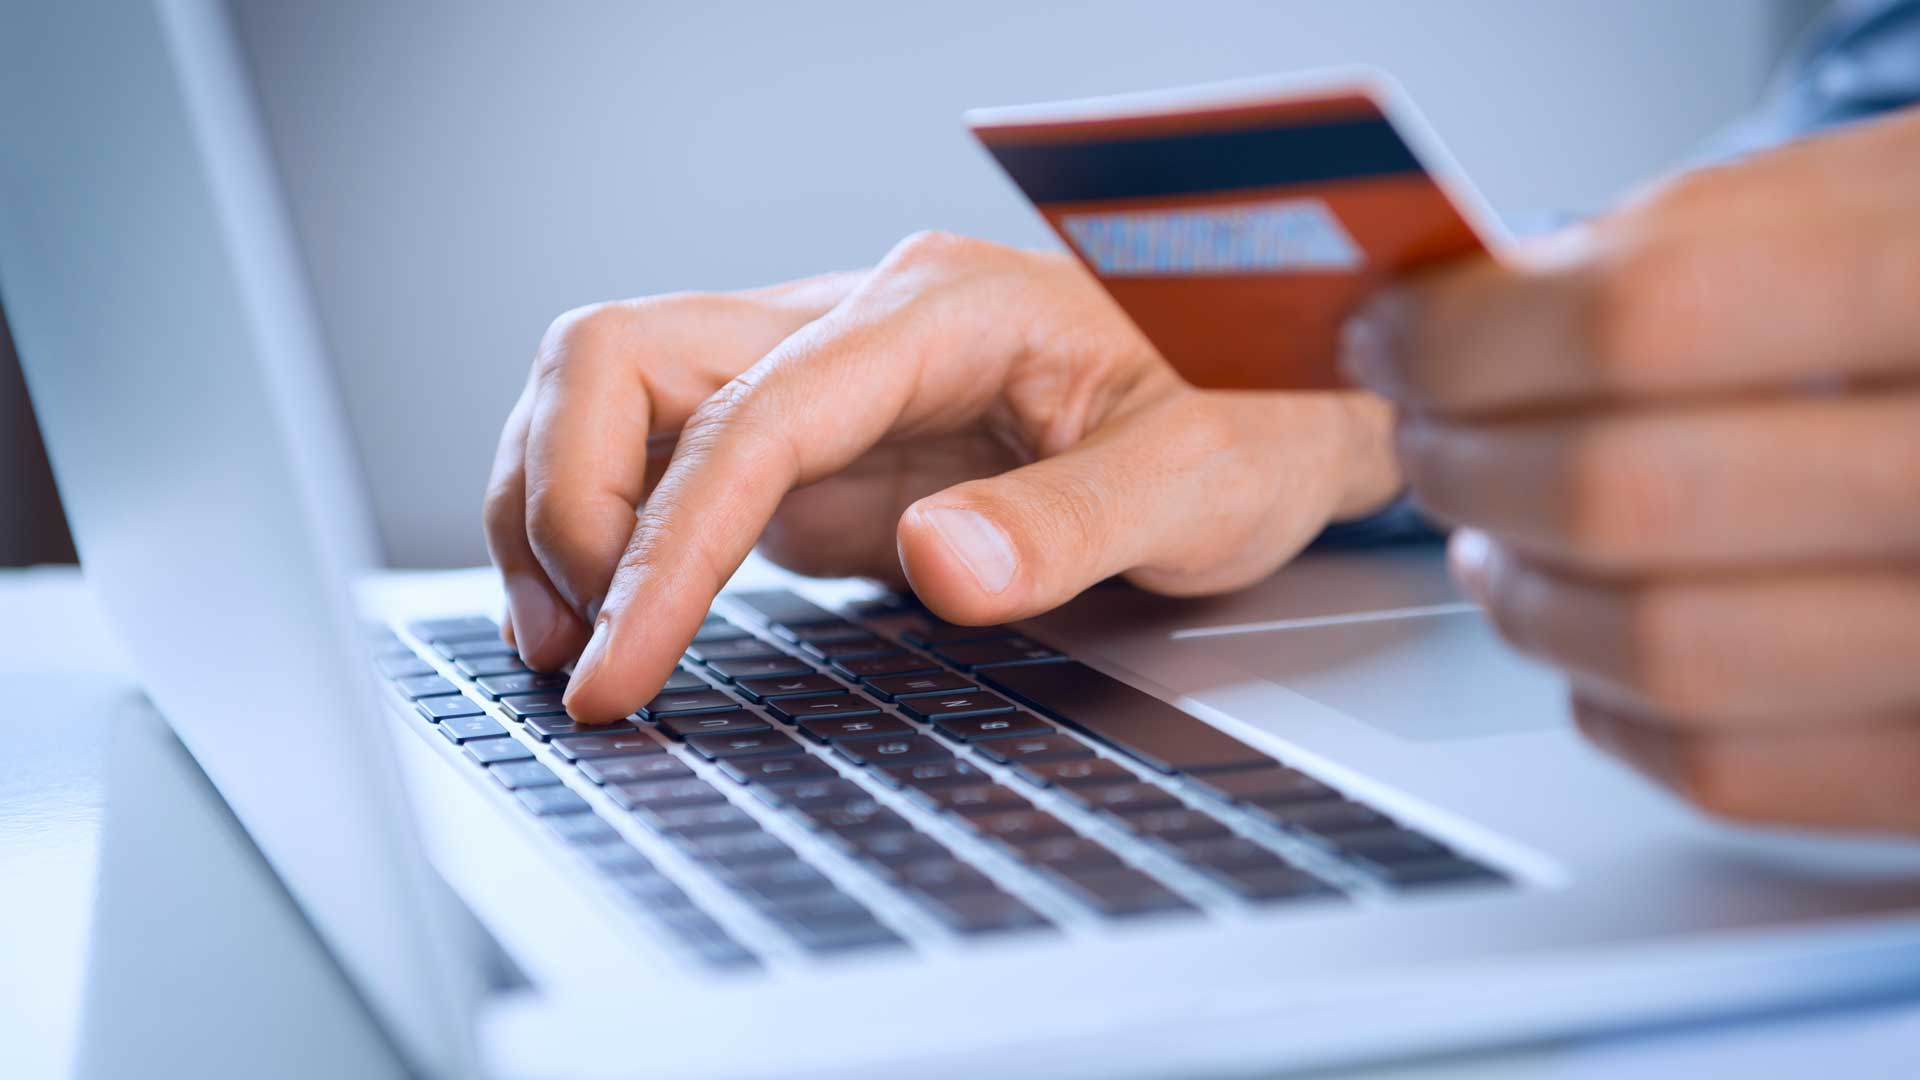 Взять онлайн-займ быстро, круглосуточно и почти без отказа сейчас проще, чем кажется